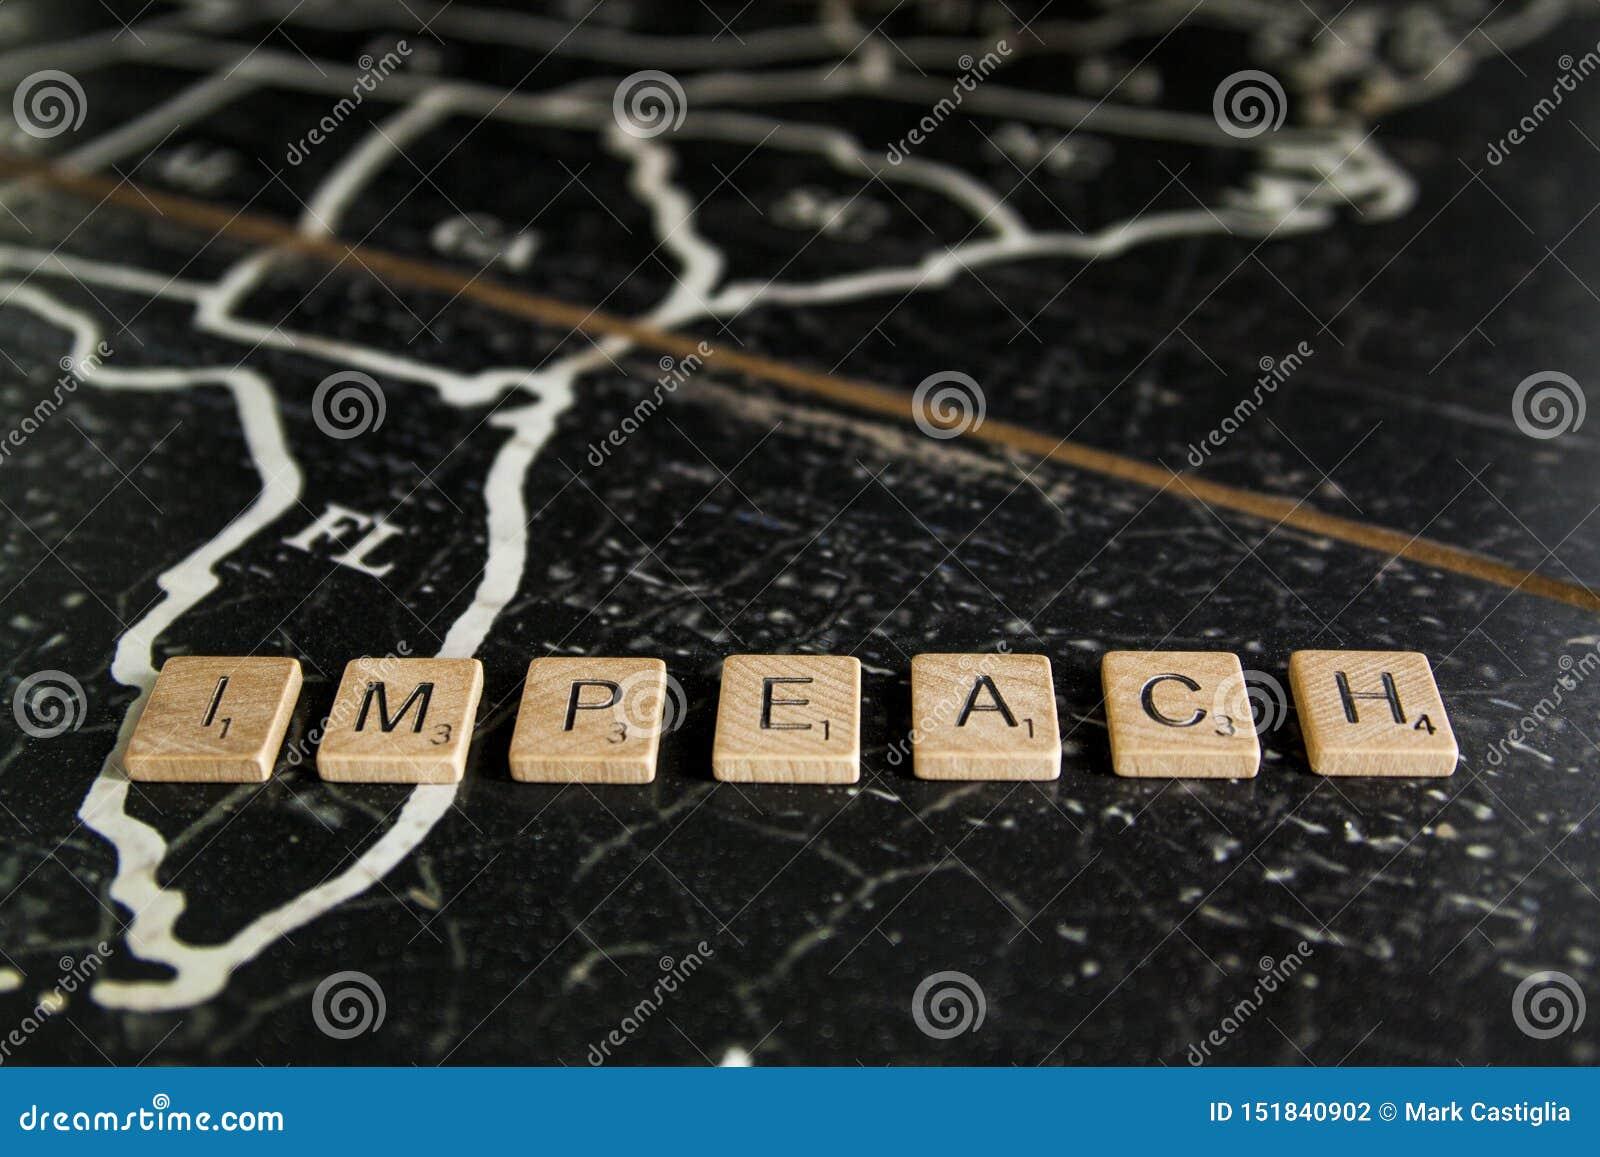 Impeach deletreó con las tejas en el mapa de Estados Unidos